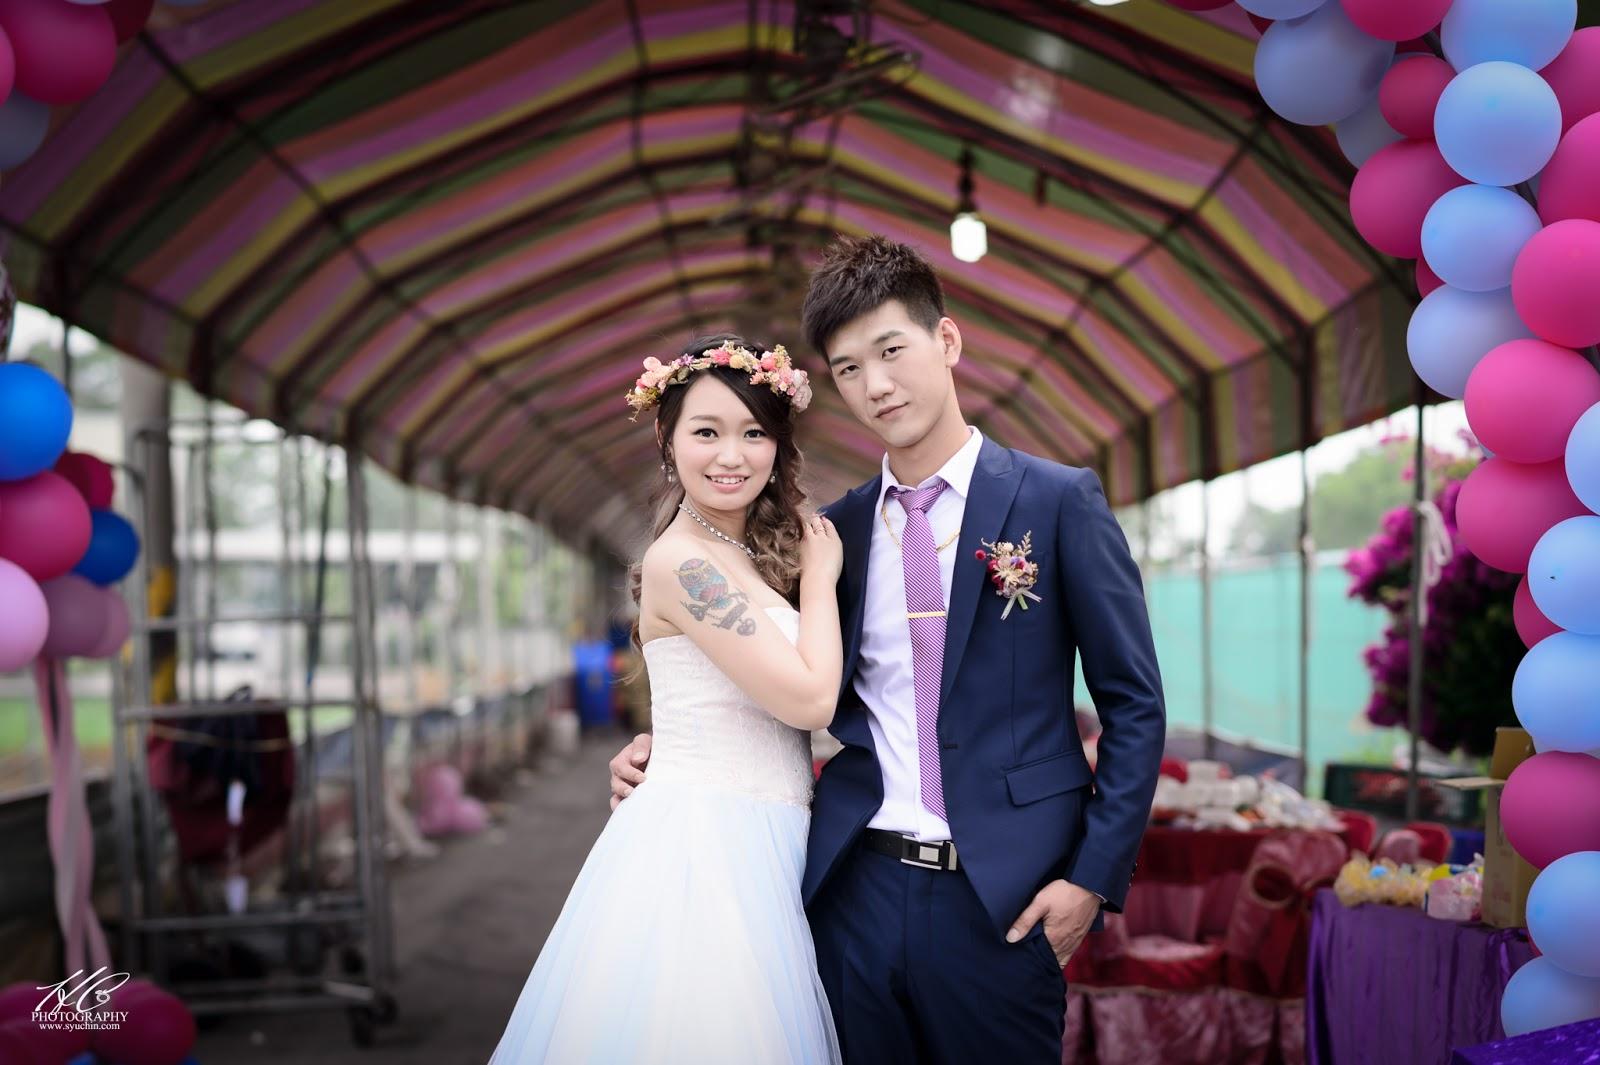 雲林流水席@雲林婚攝。家齊&雨瑱,婚禮記錄